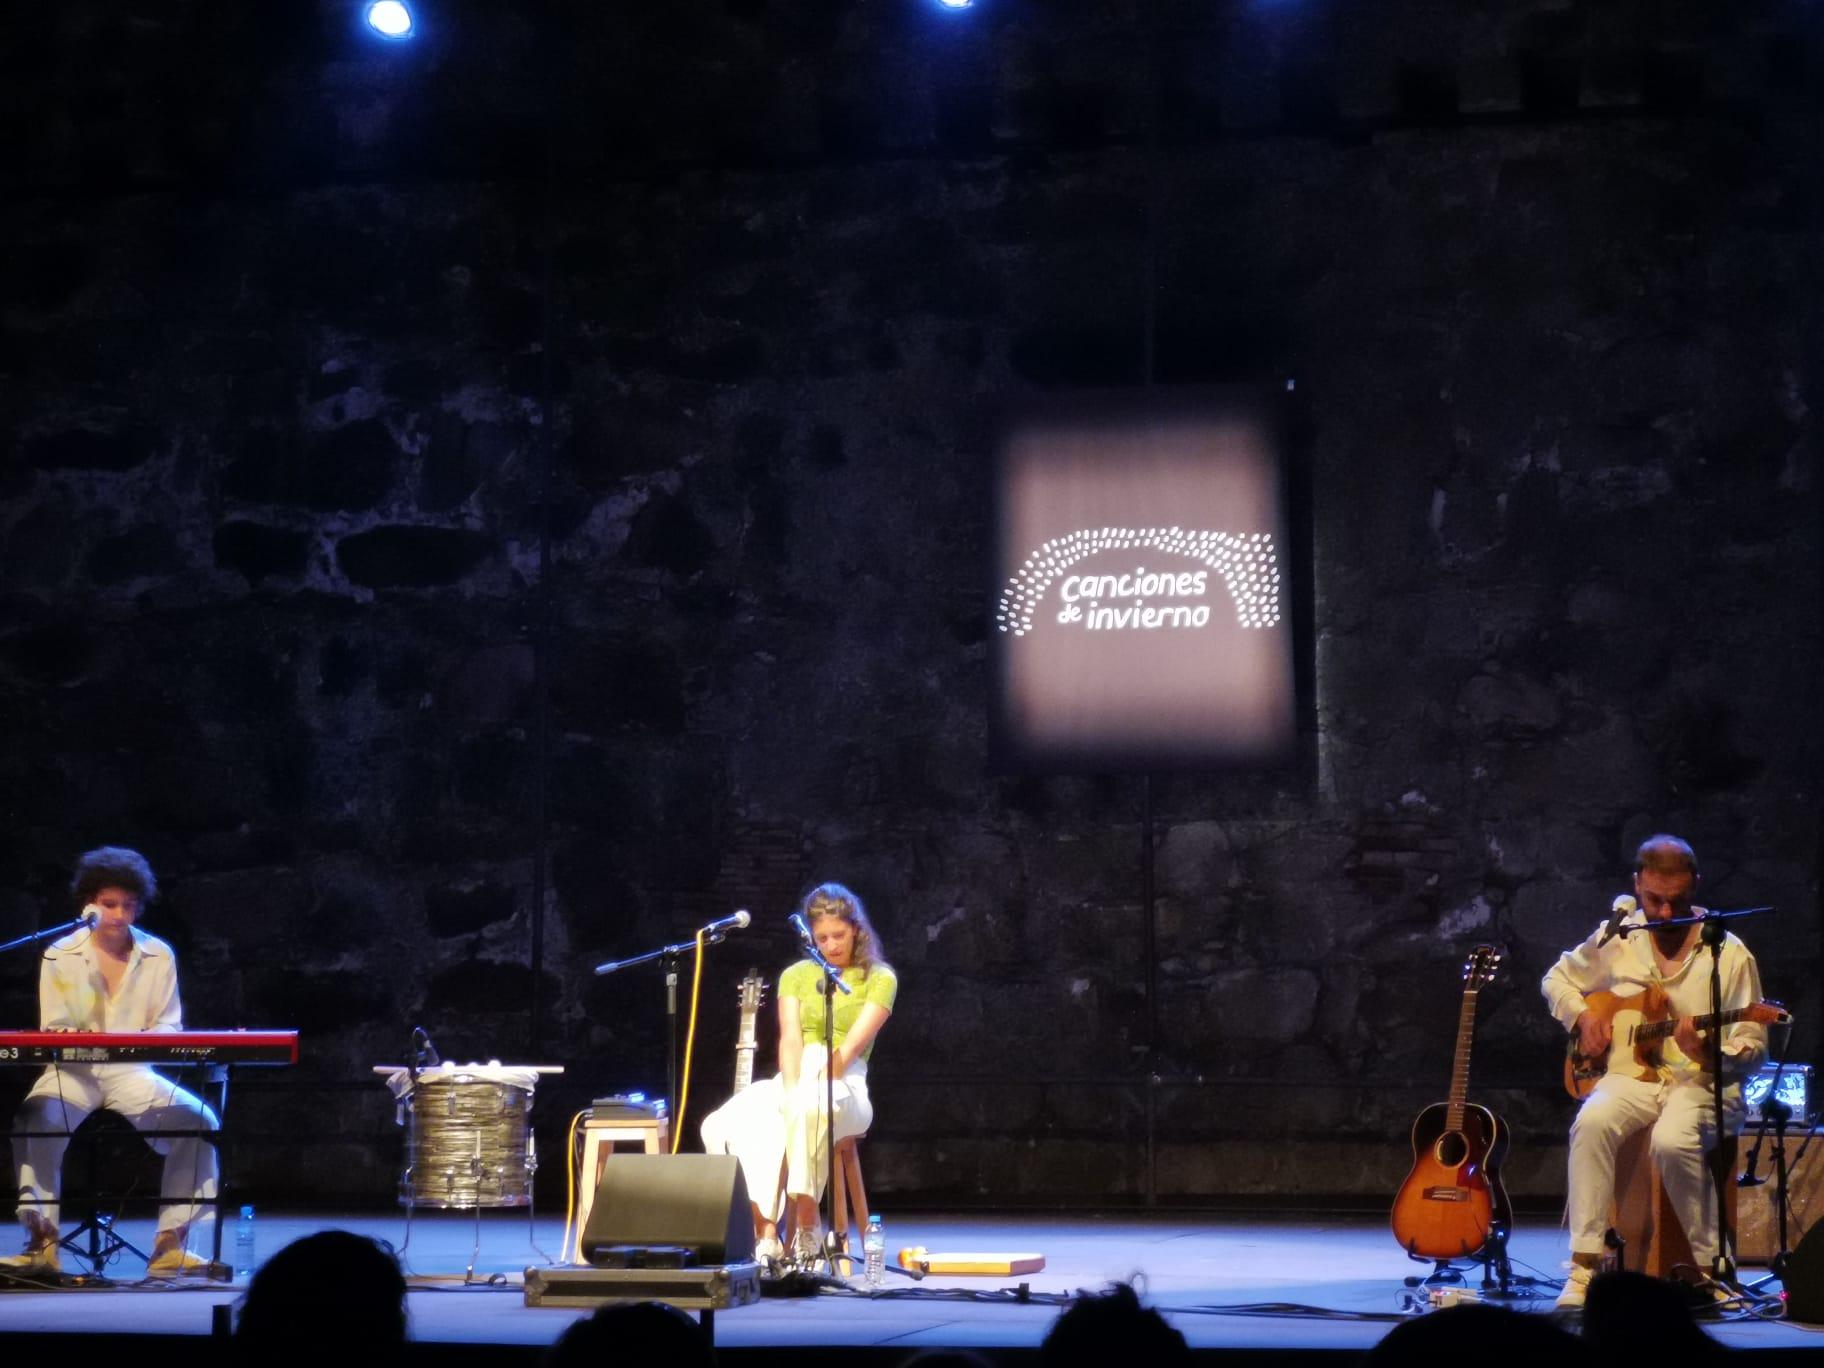 """Izaro en """"Canciones de Invierno"""" - Arenas de San Pedro"""